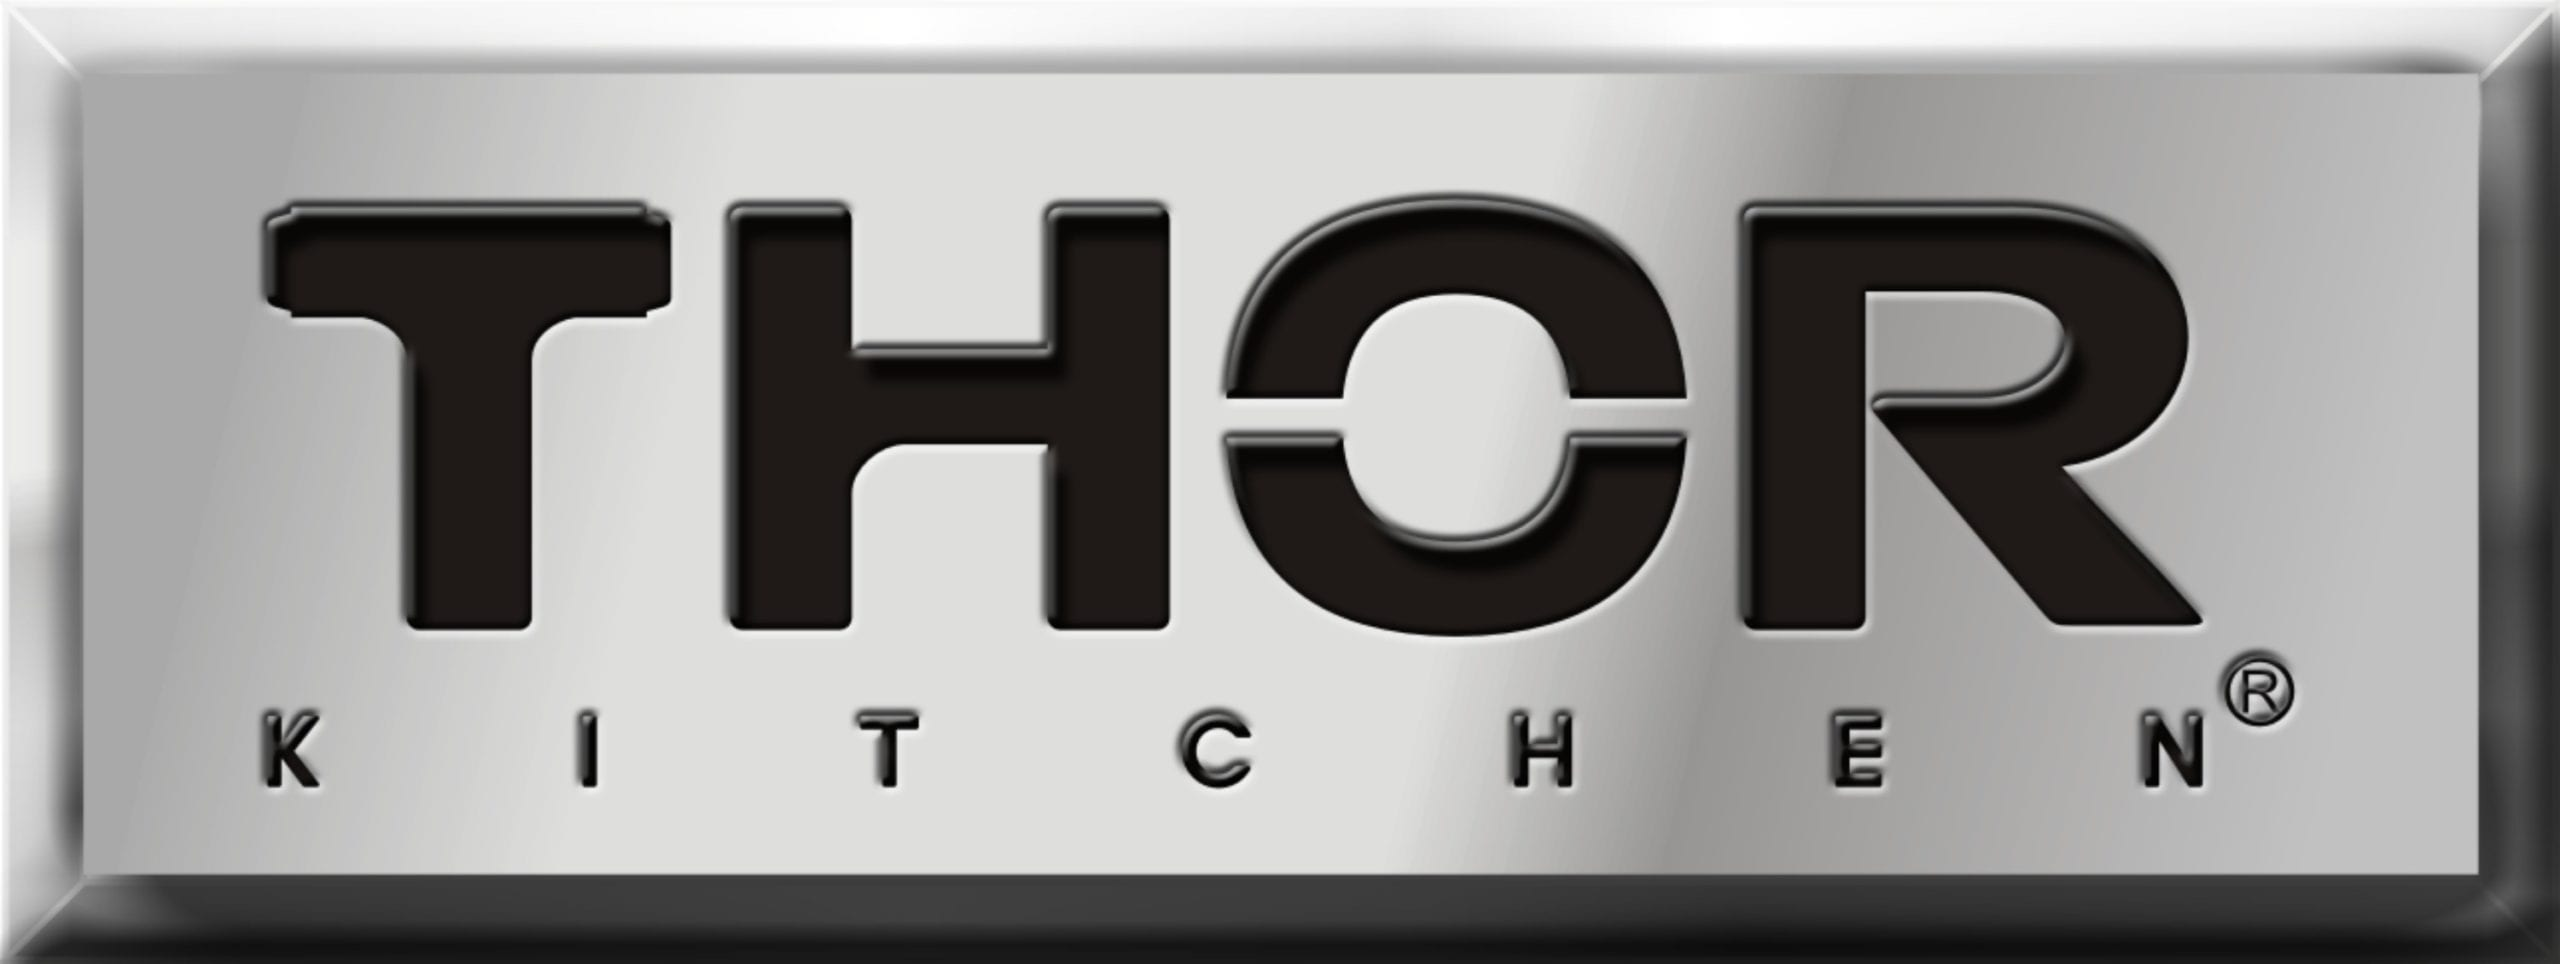 Thor_Kitchen_Logo